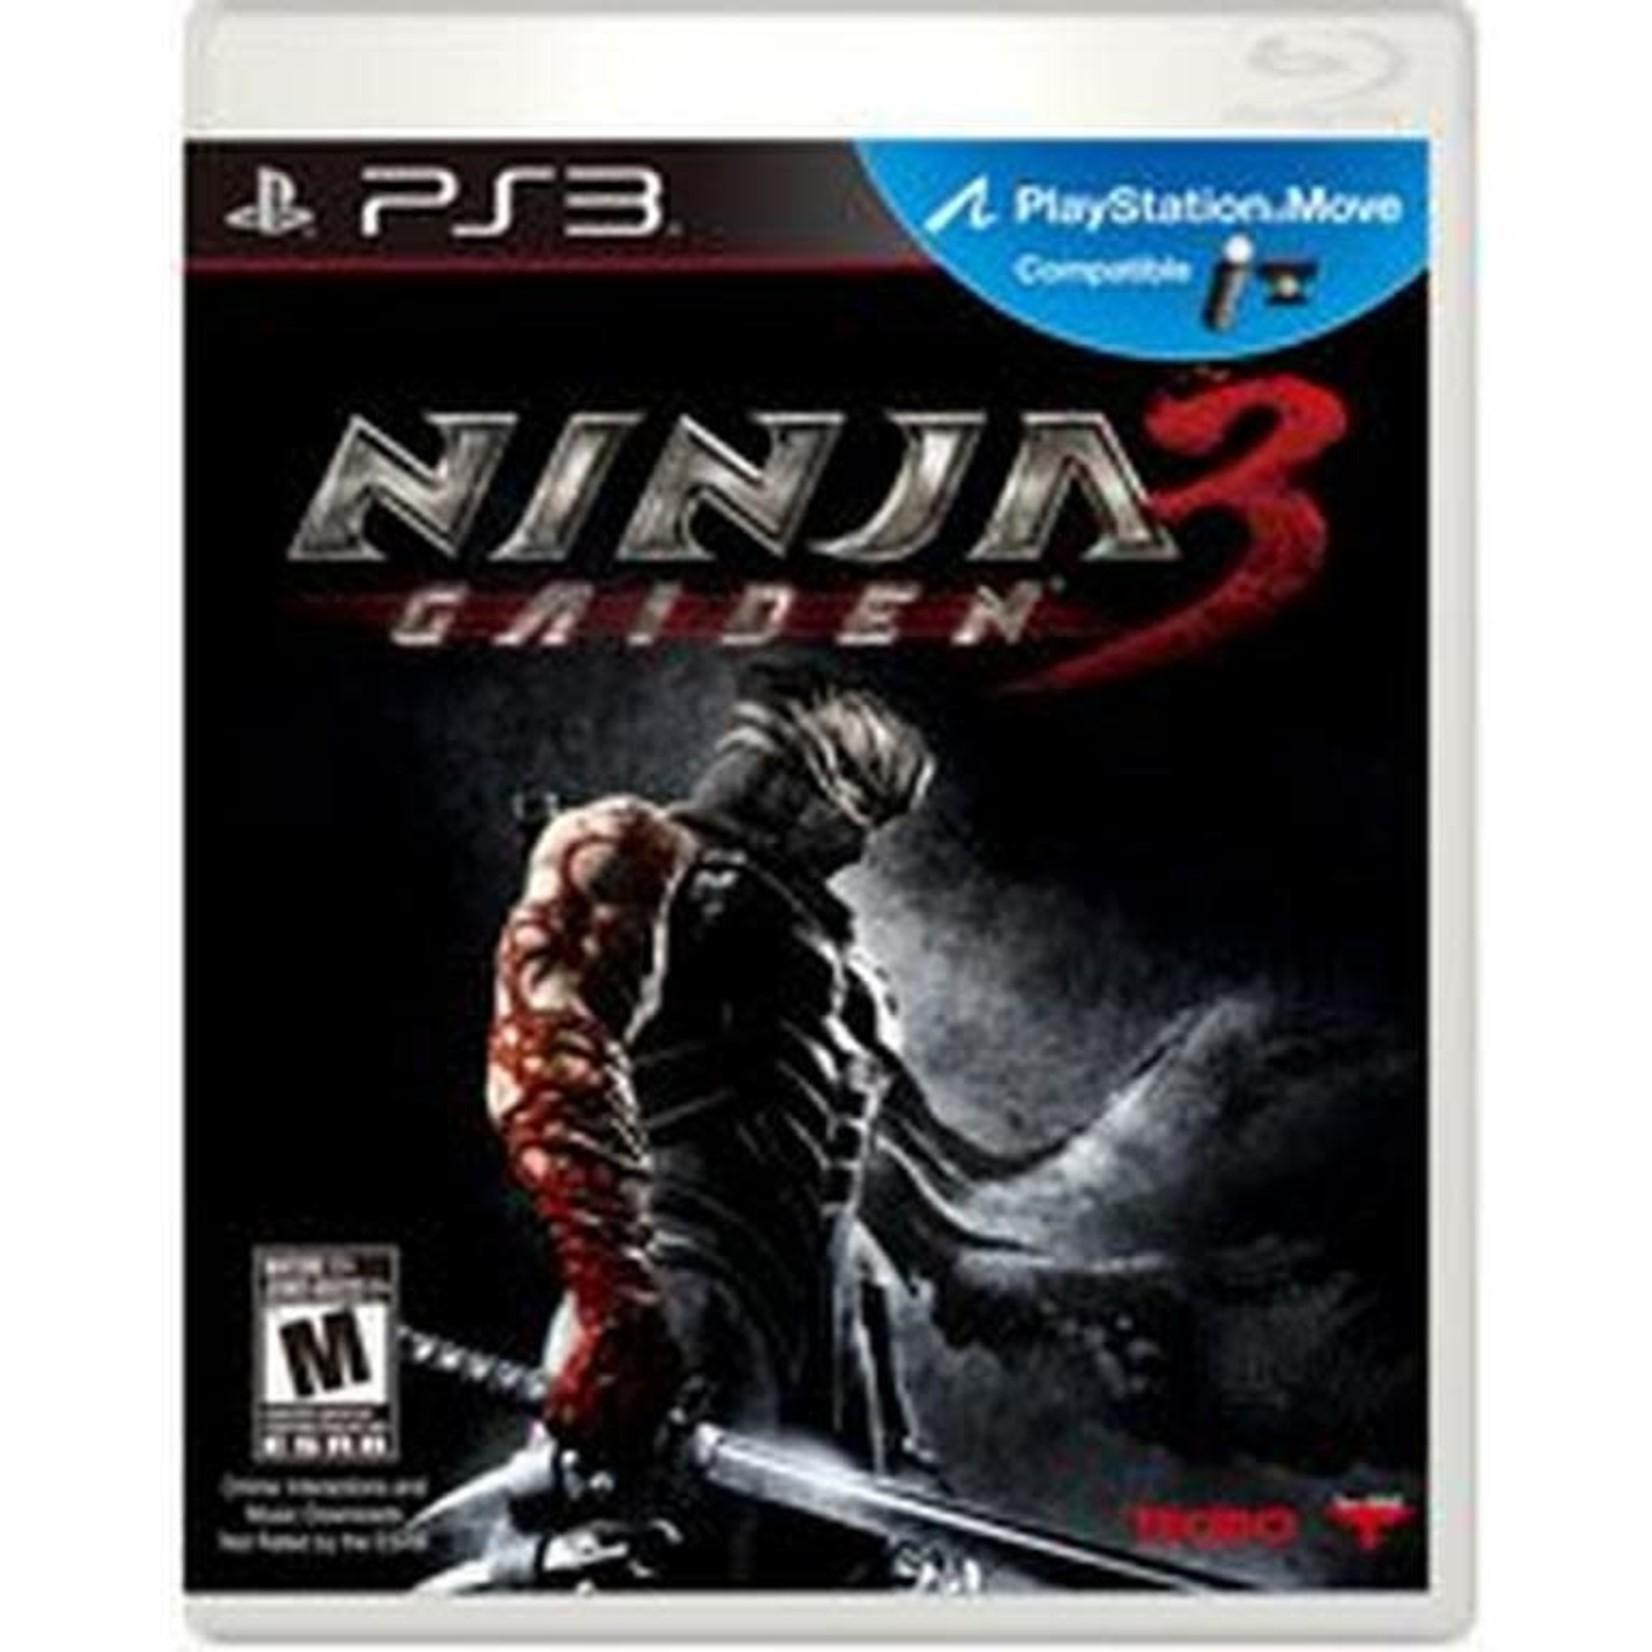 PS3-Ninja Gaiden 3